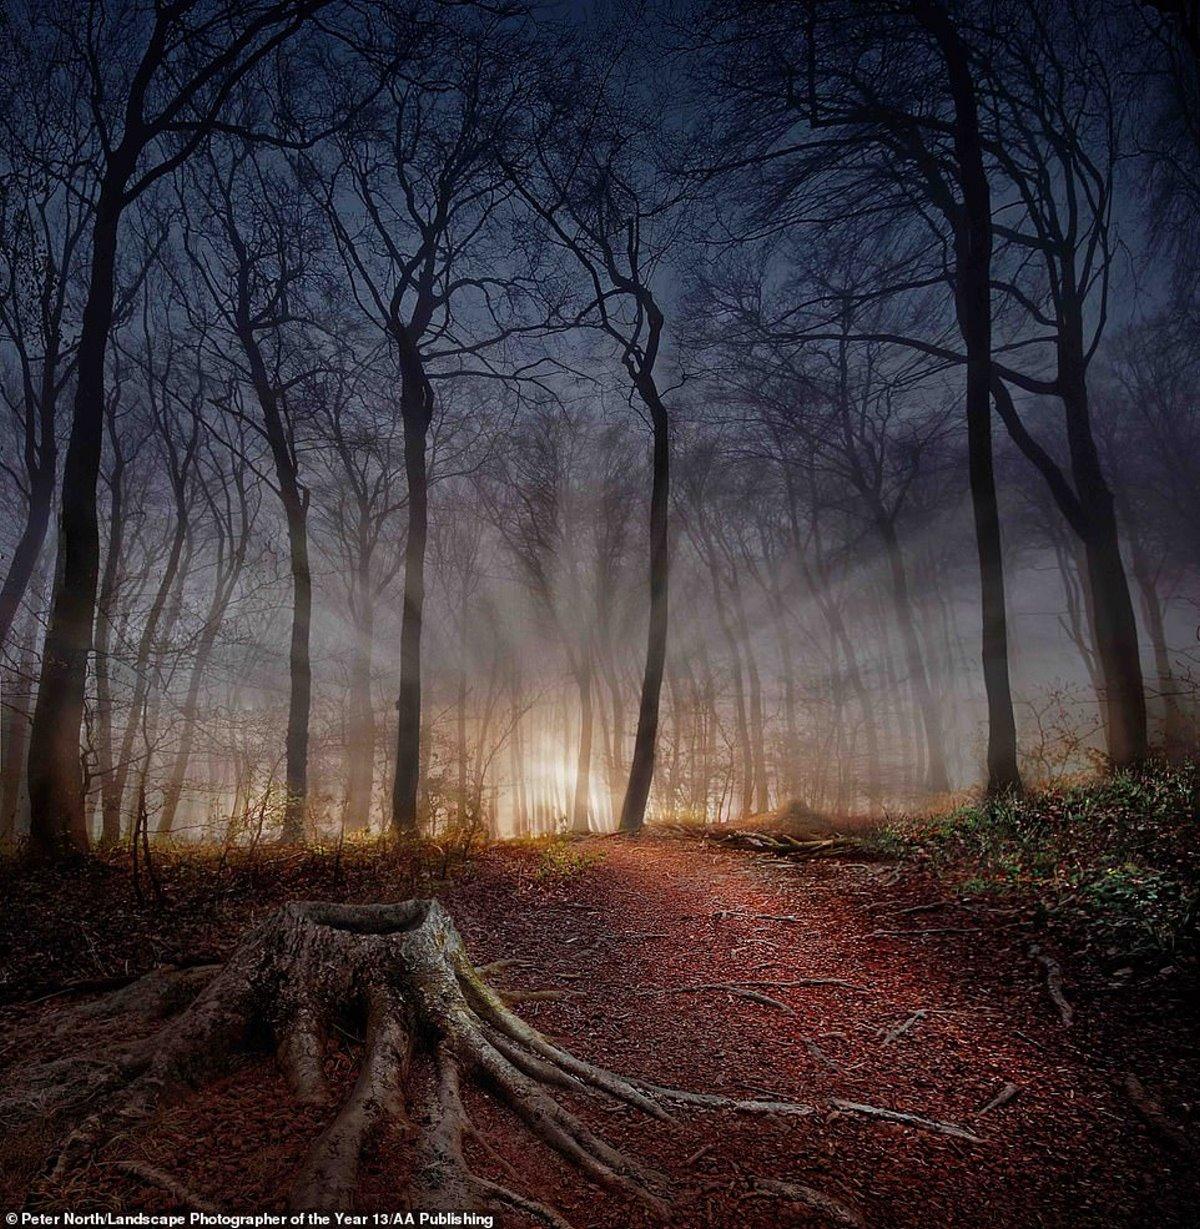 φωτογραφία φύση διαγωνισμός κορμοί δέντρων